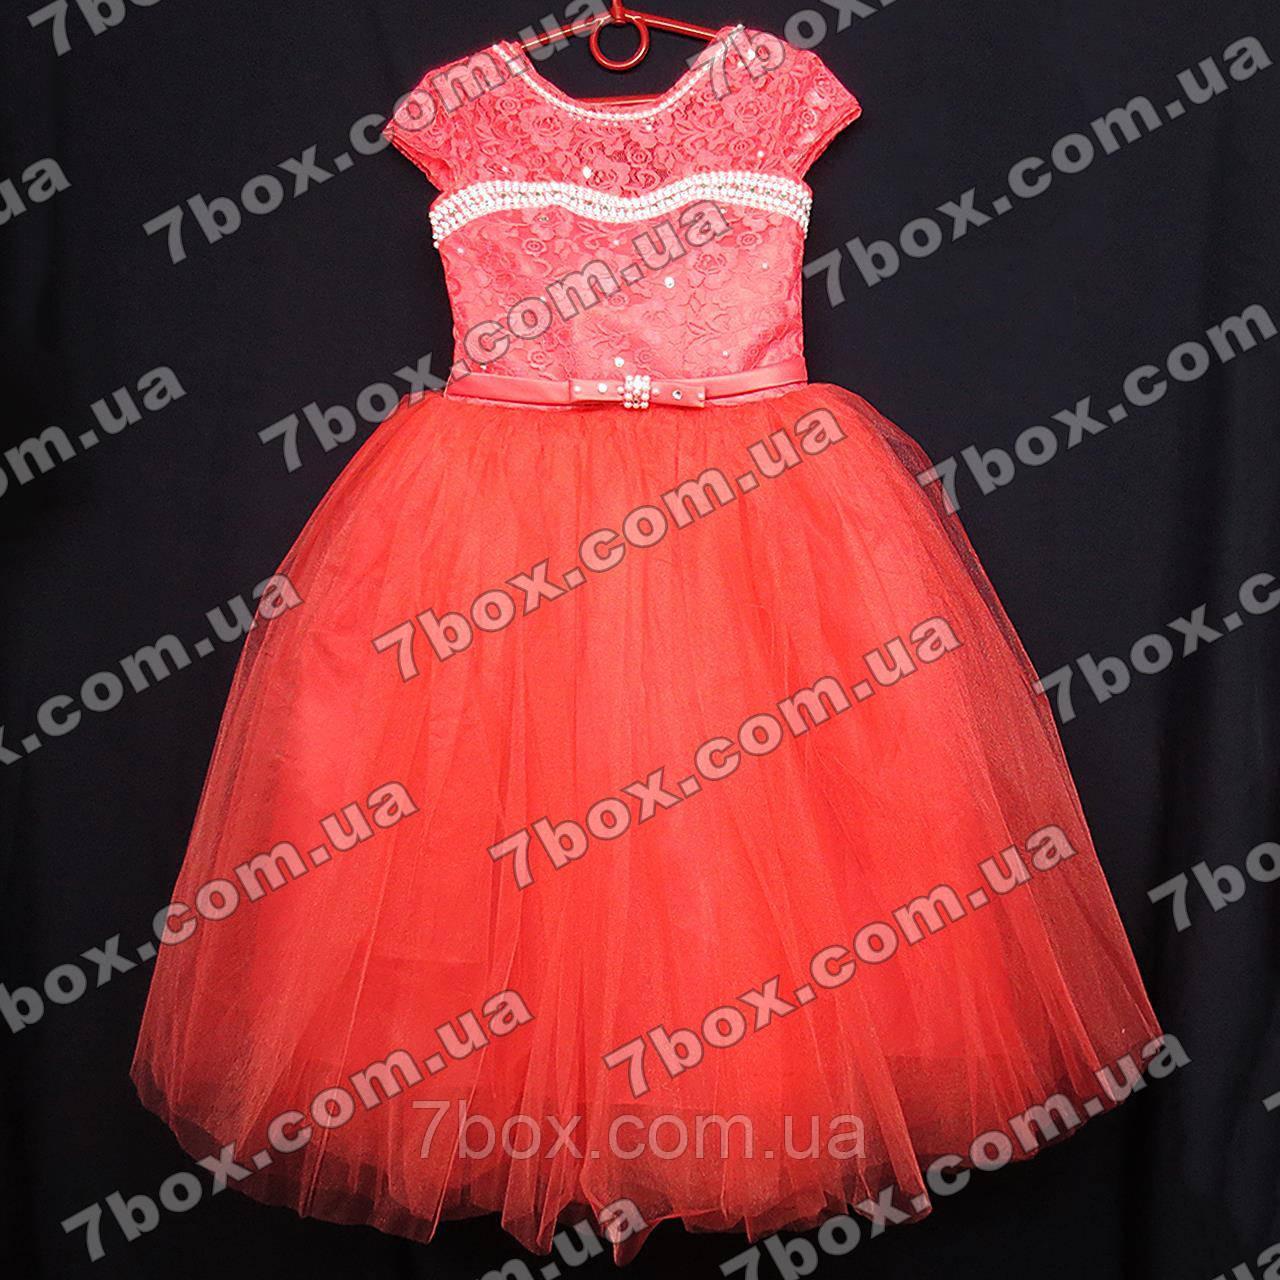 Детское нарядное платье бальное Бэль (коралловое) Возраст 6-7 лет.